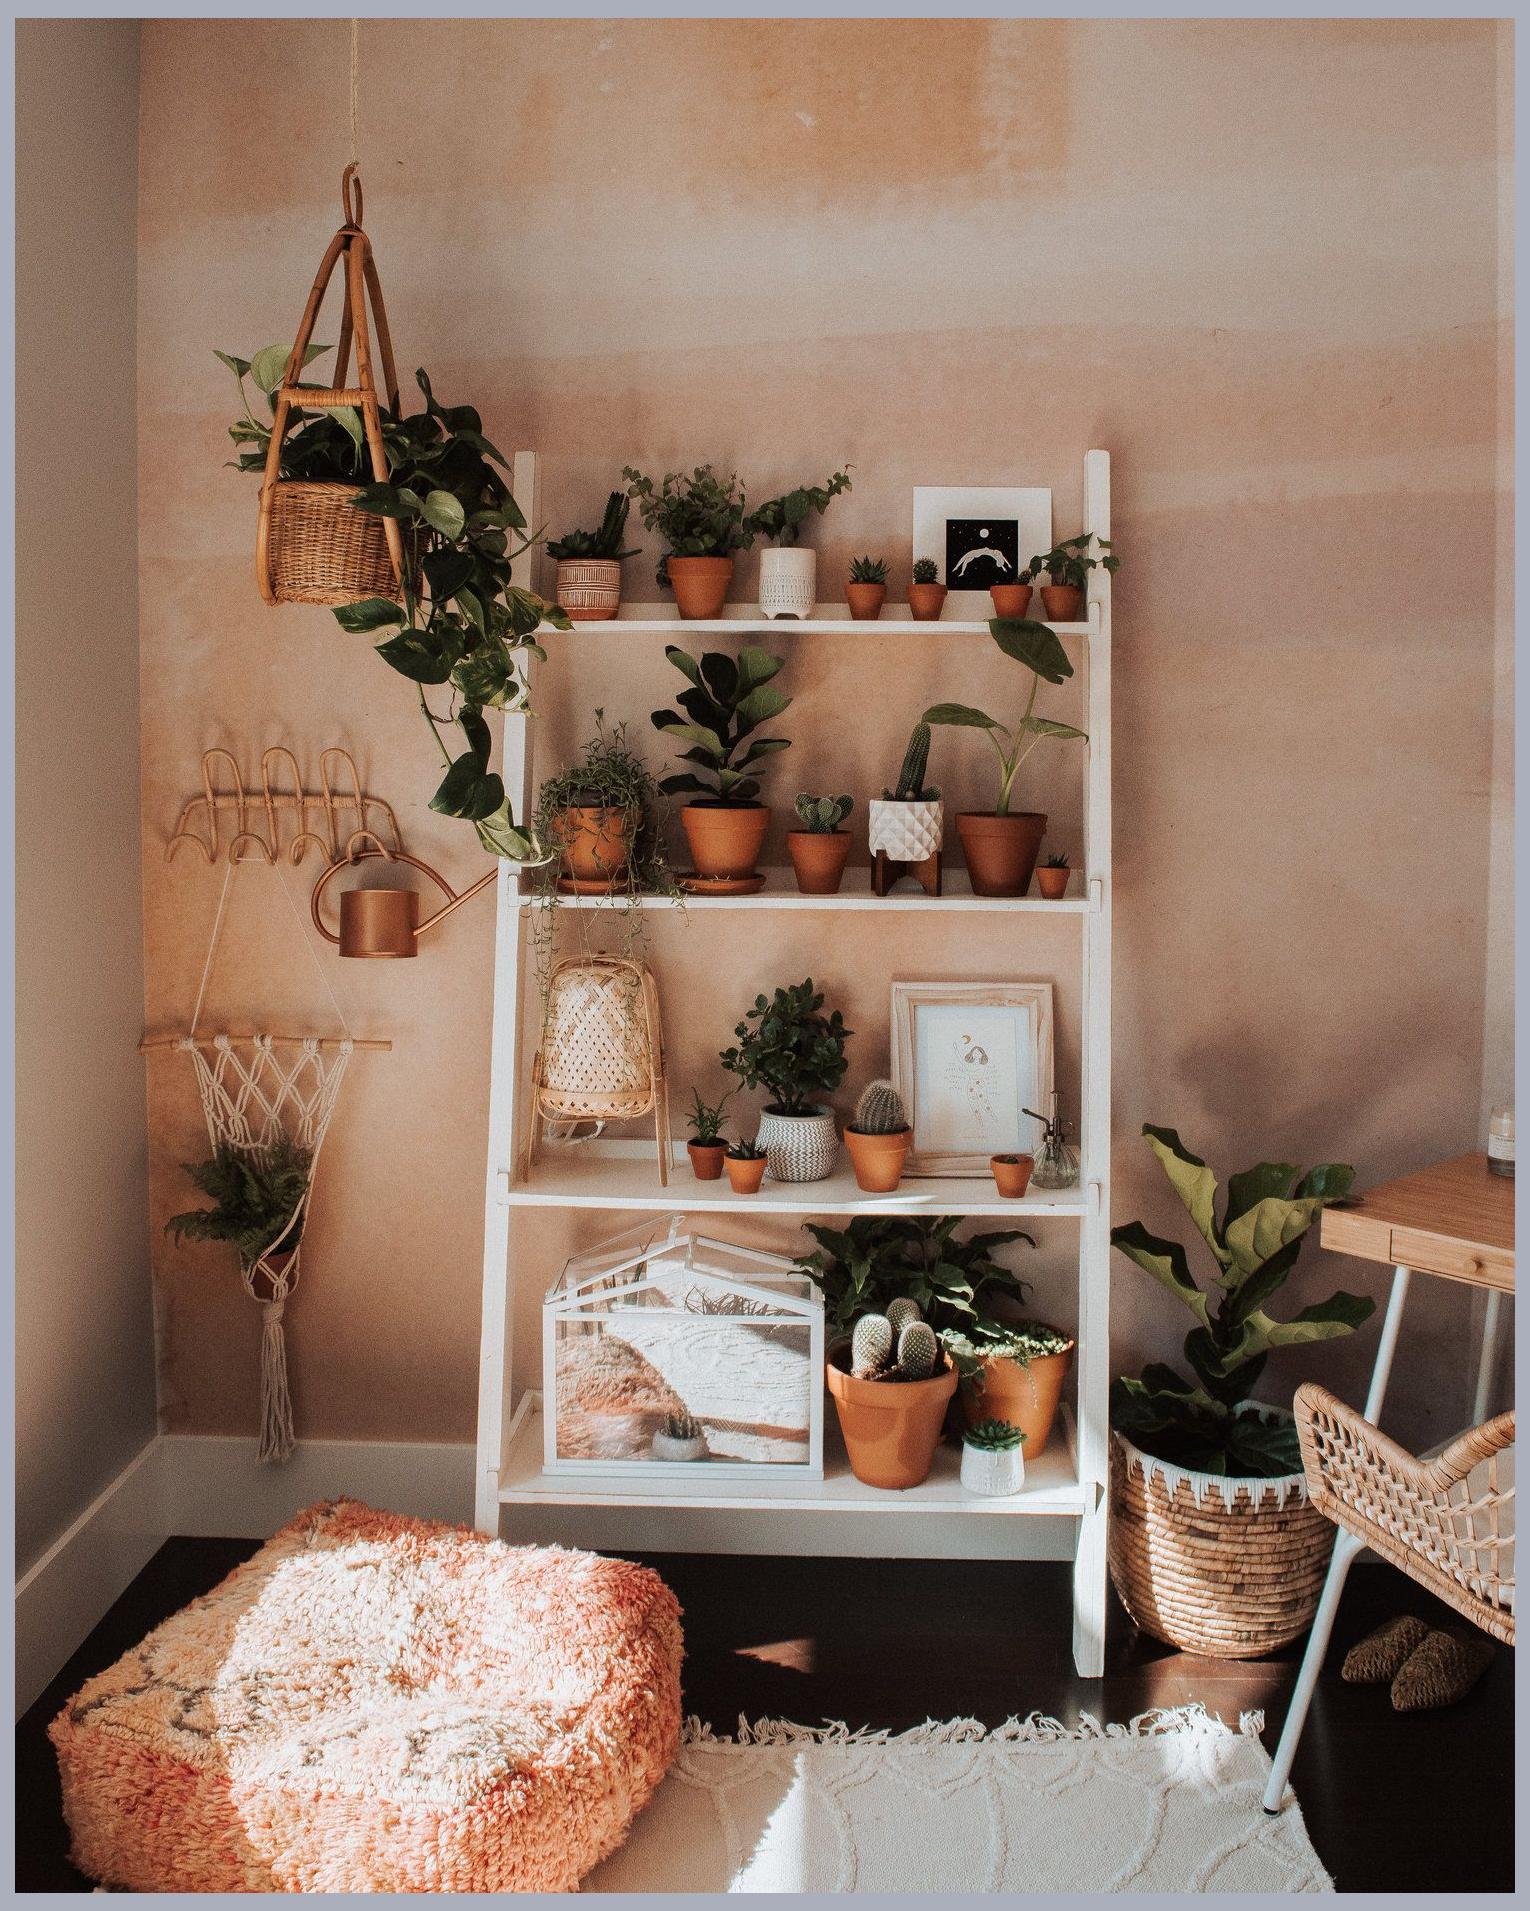 Excellent Gratuit Plantes Aesthetic Style Si Vous Avez Du Mal A Vous Endormir Il Pourrait Idee Deco Salon Zen Deco Chambre Zen Idee Deco Salon